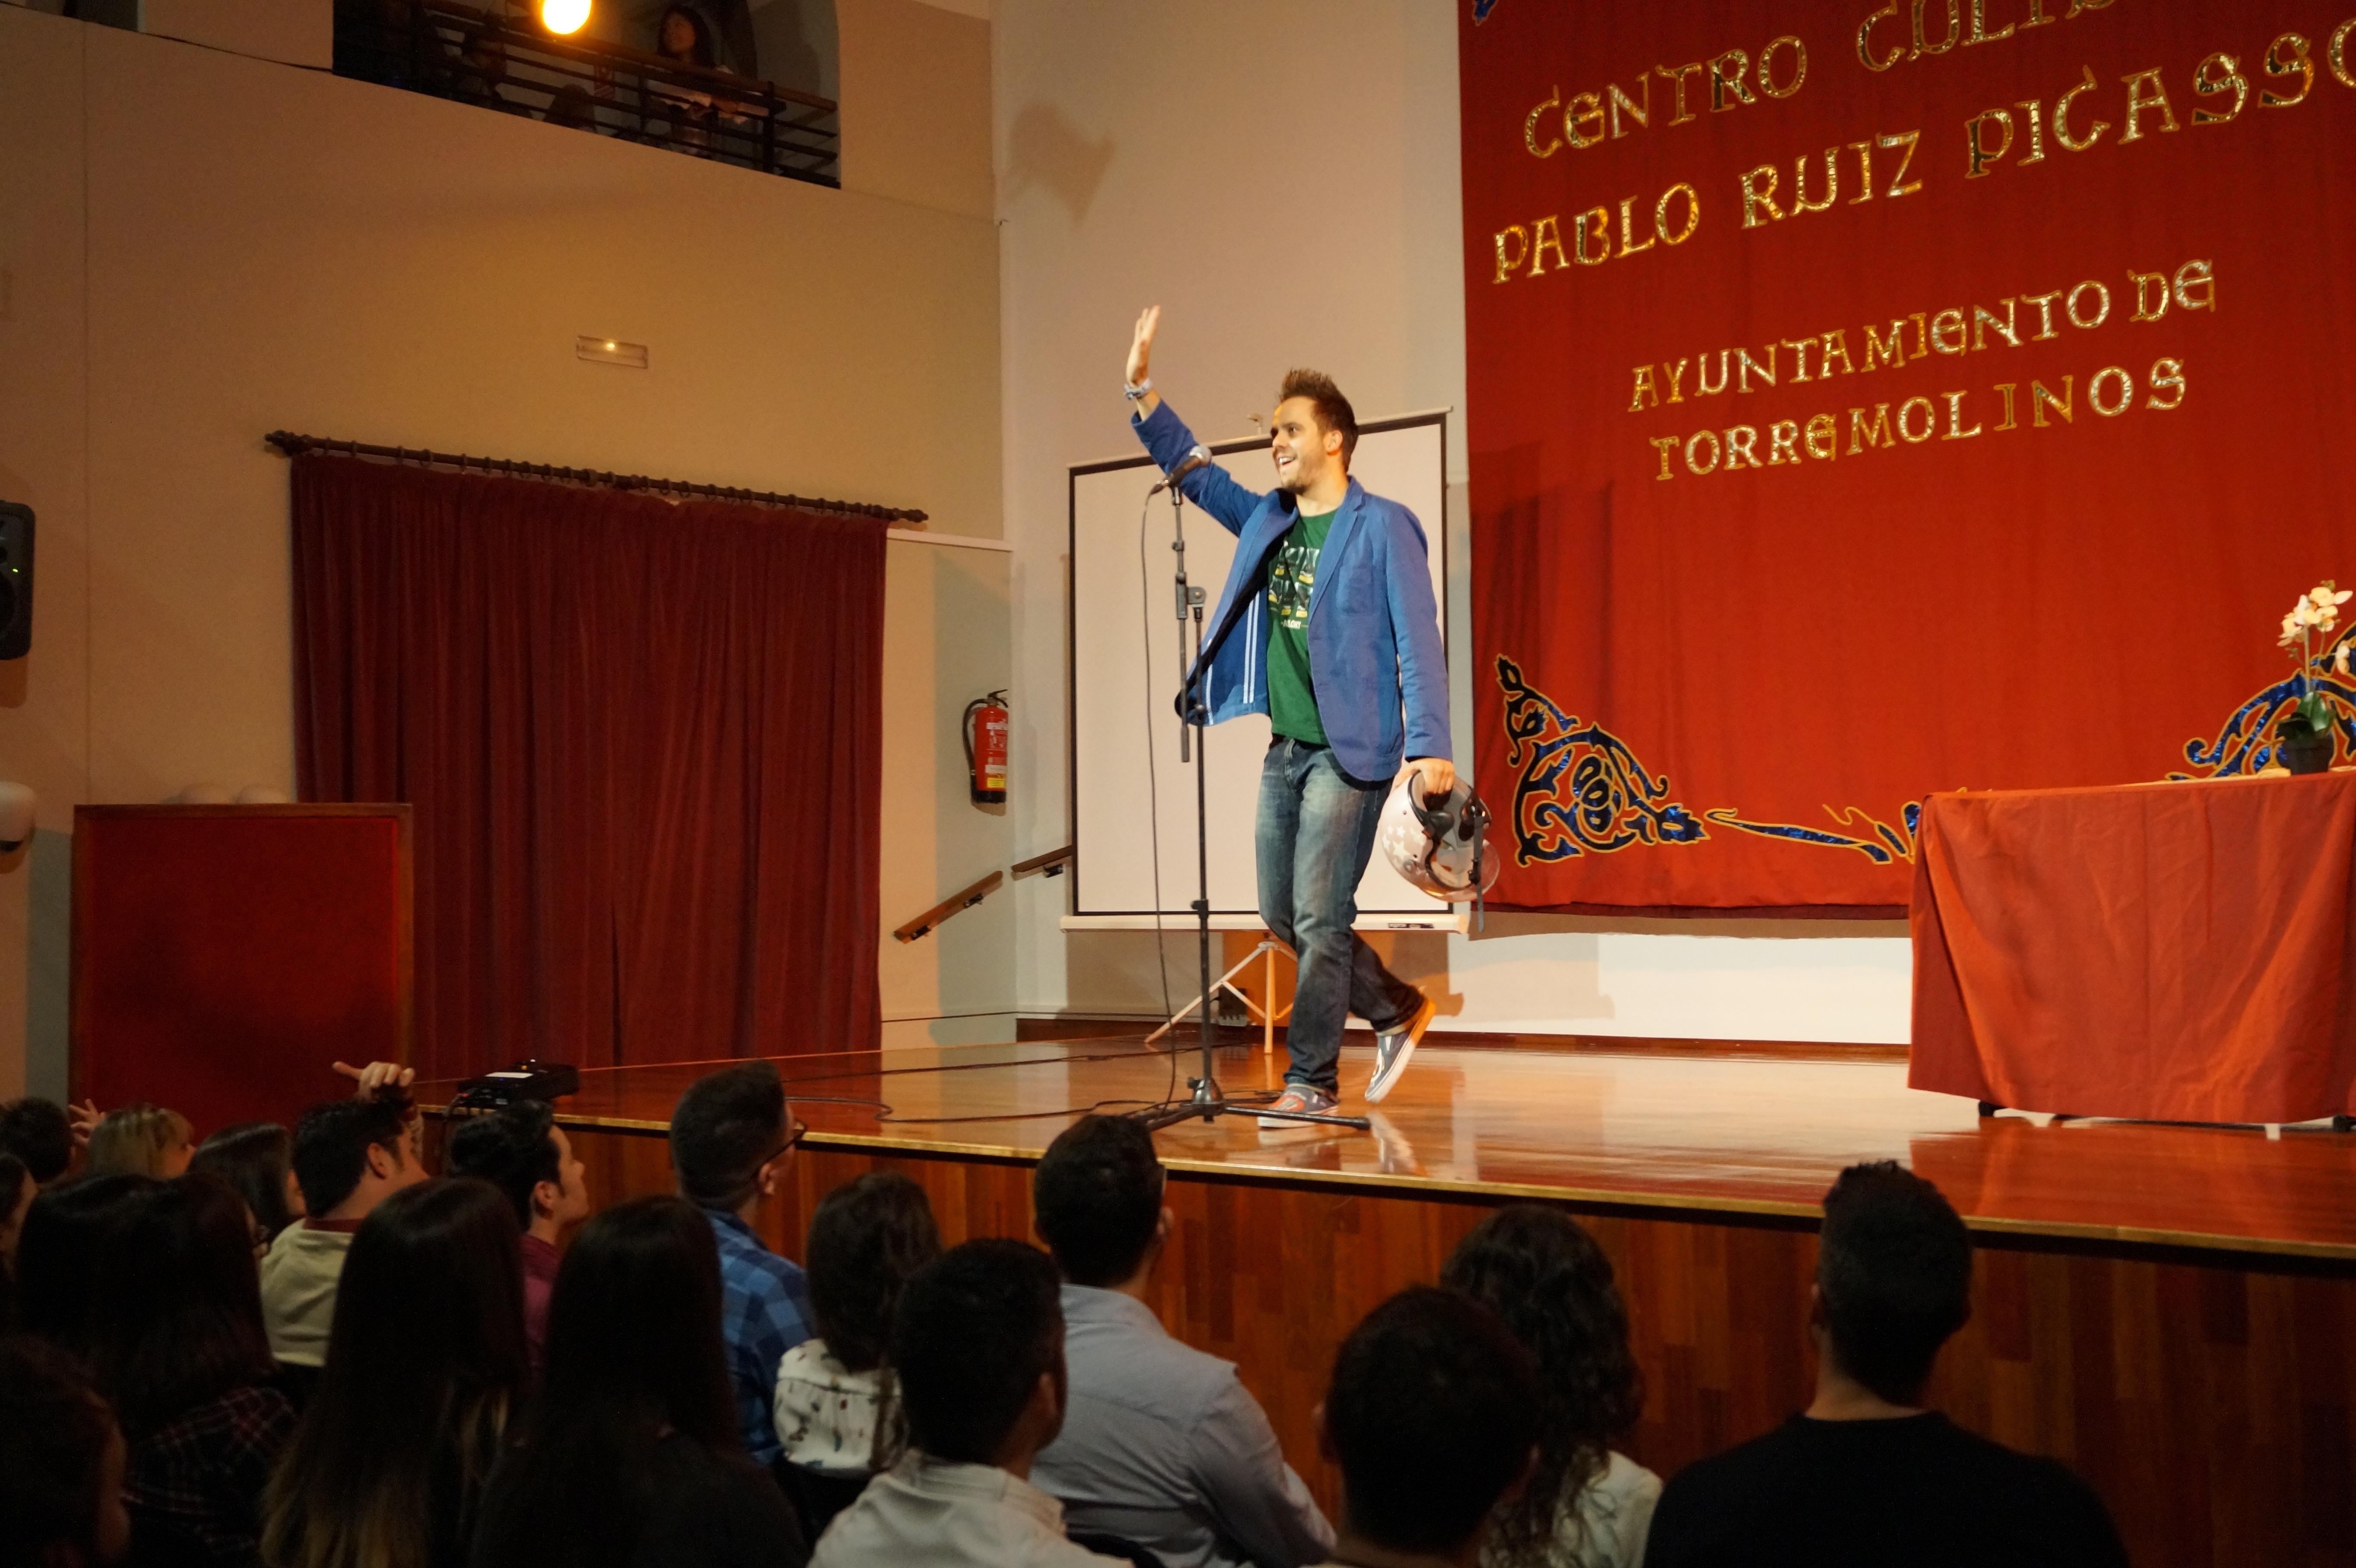 Torremolinos Comedy - Tomás García